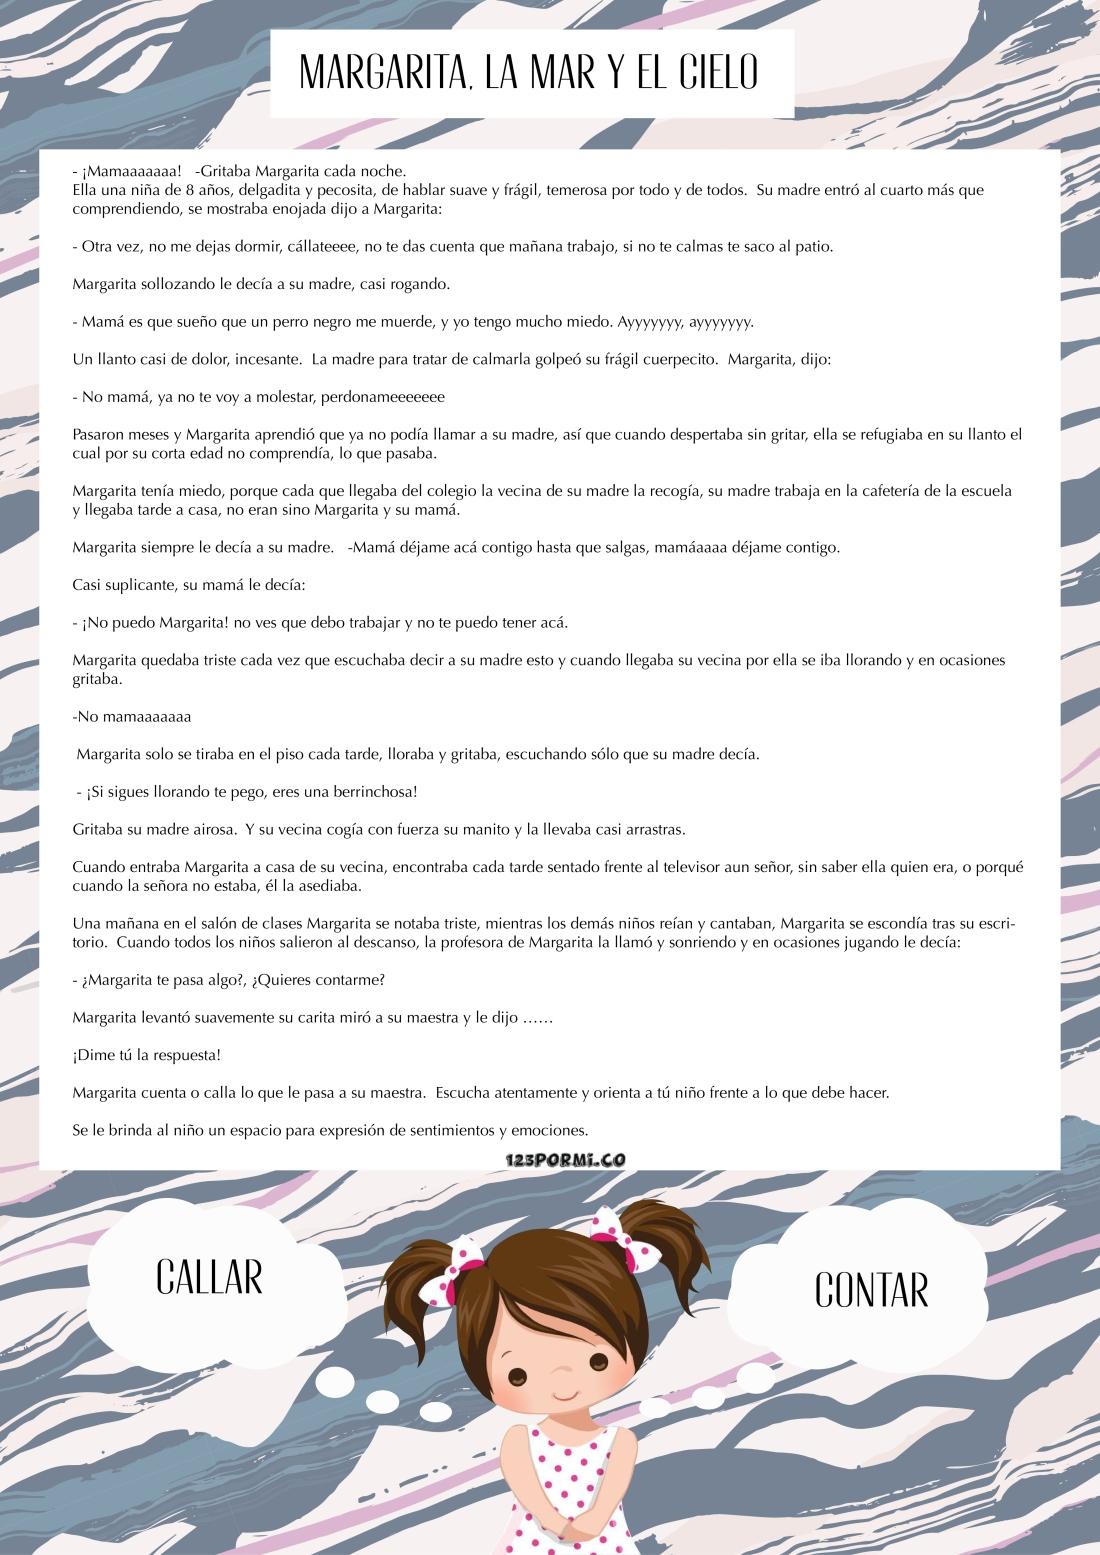 margarita-la-mar-y-el-cielo-01